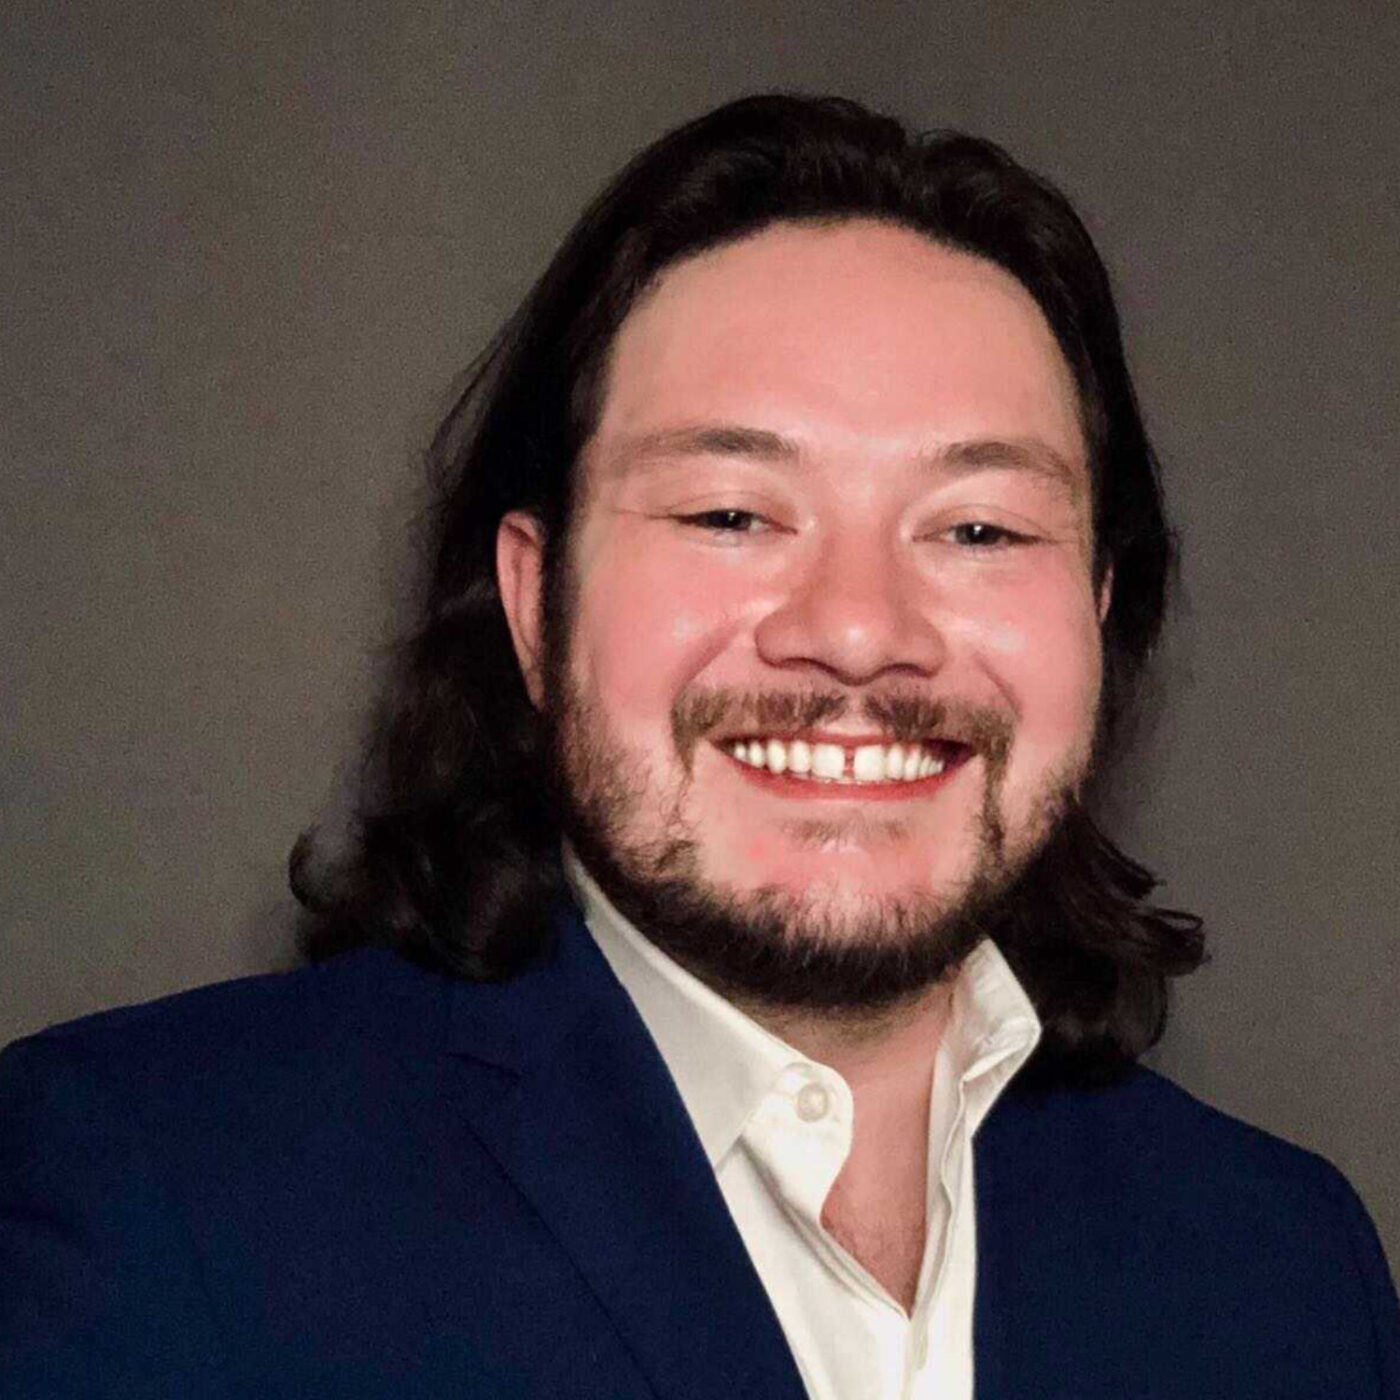 Mercado   Meet the Team - Jason Gillespie - Enterprise Account Executive